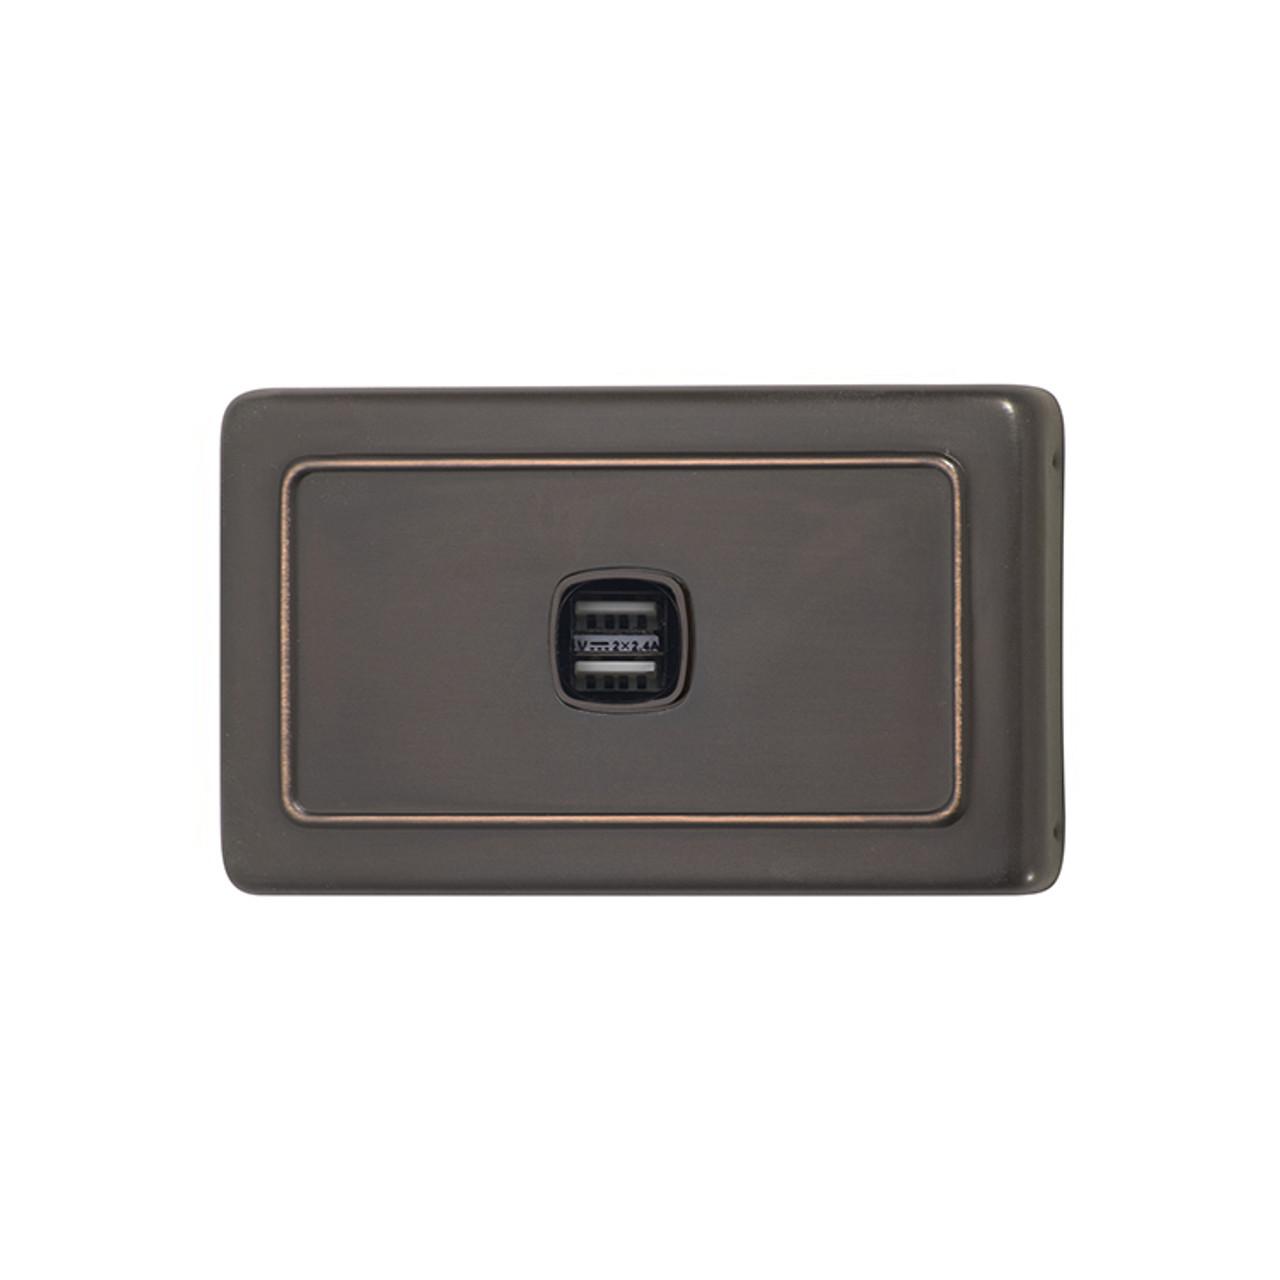 Antique Copper USB Outlet Horizontal Aspect